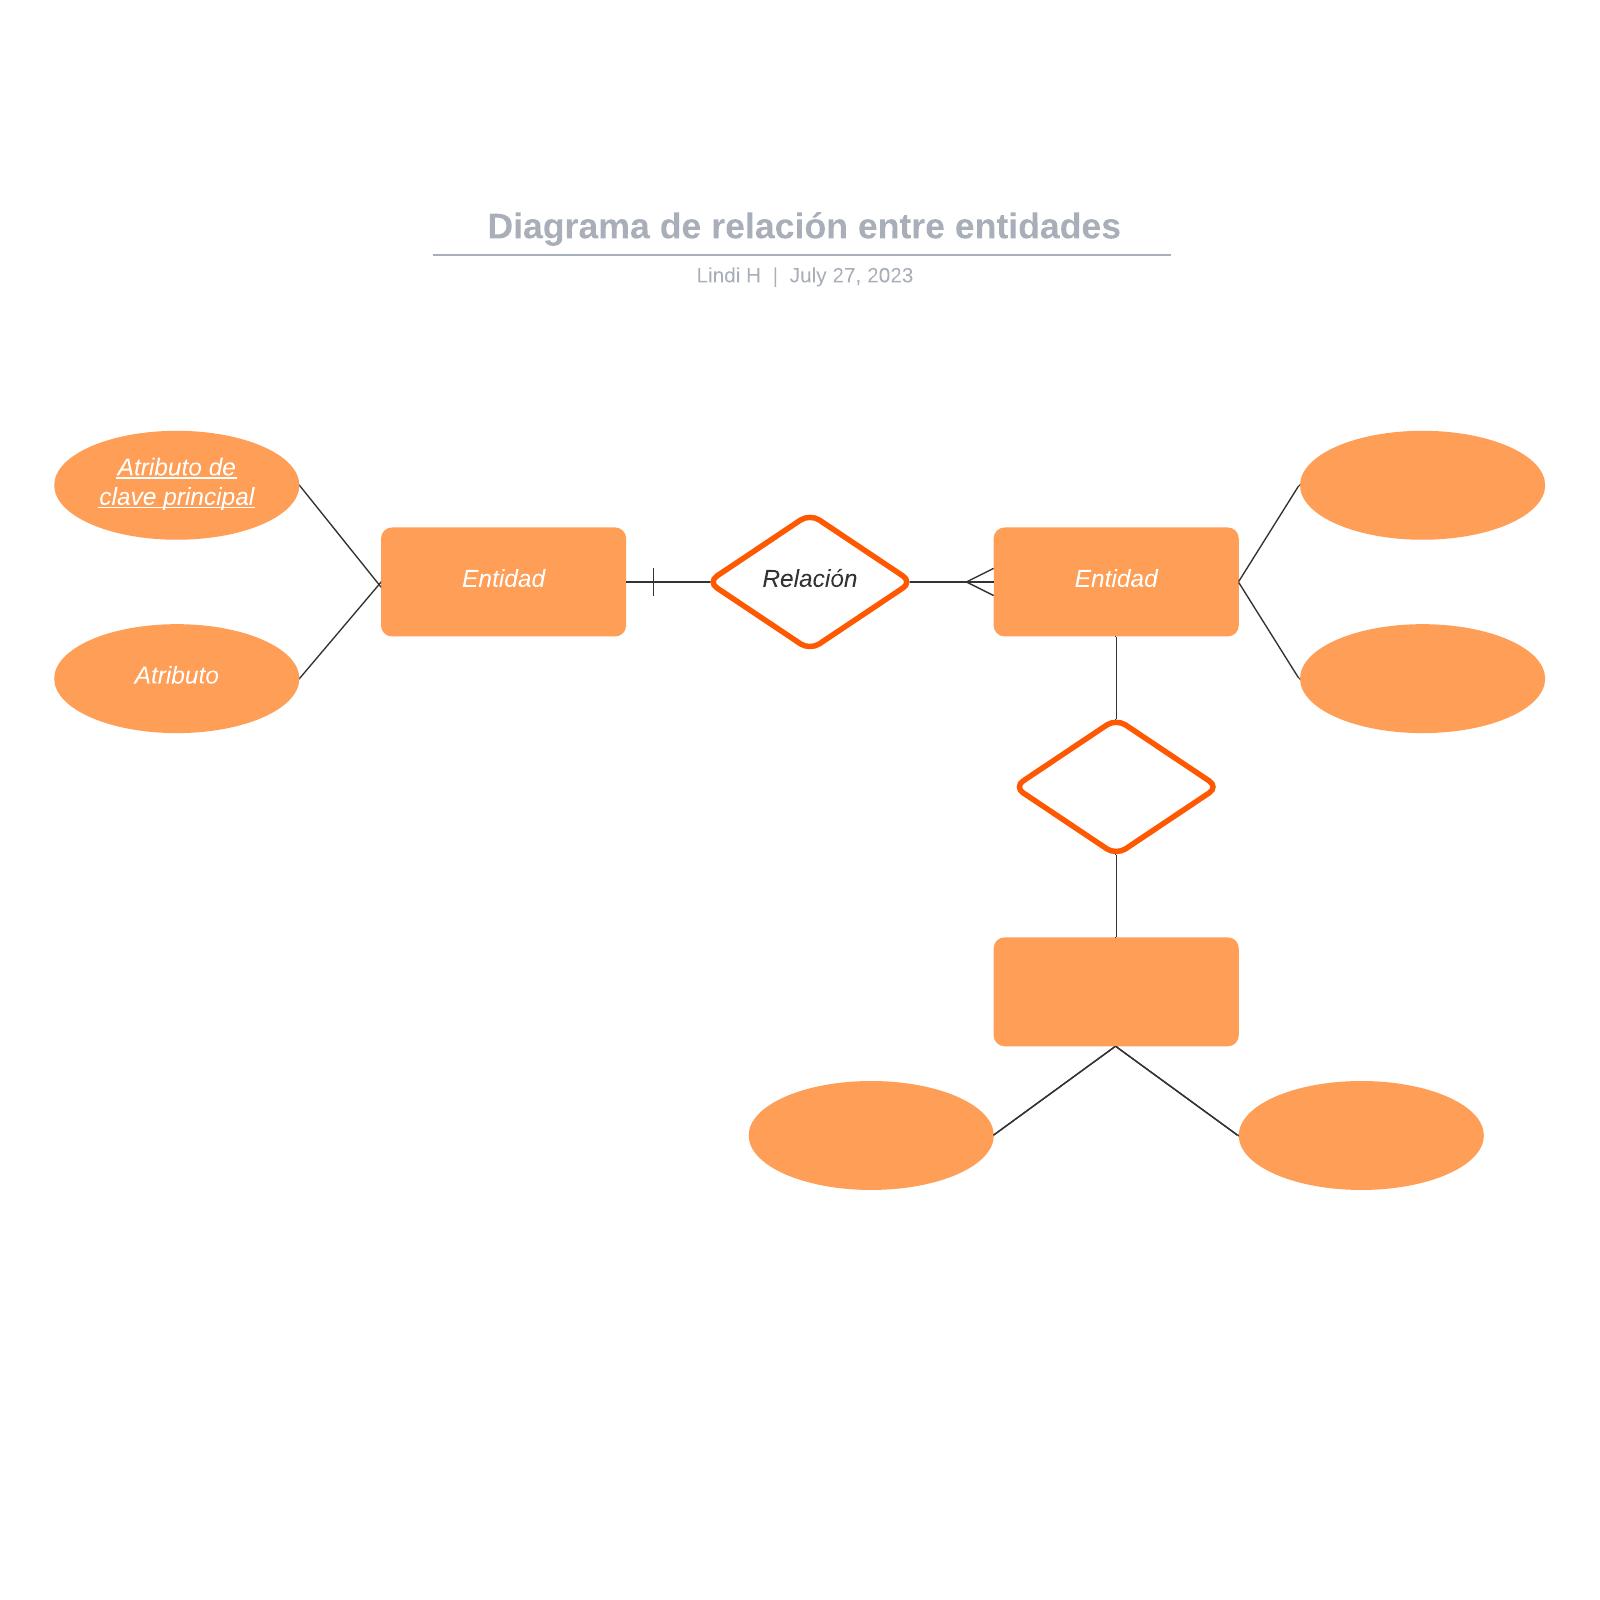 Diagrama de relación entre entidades